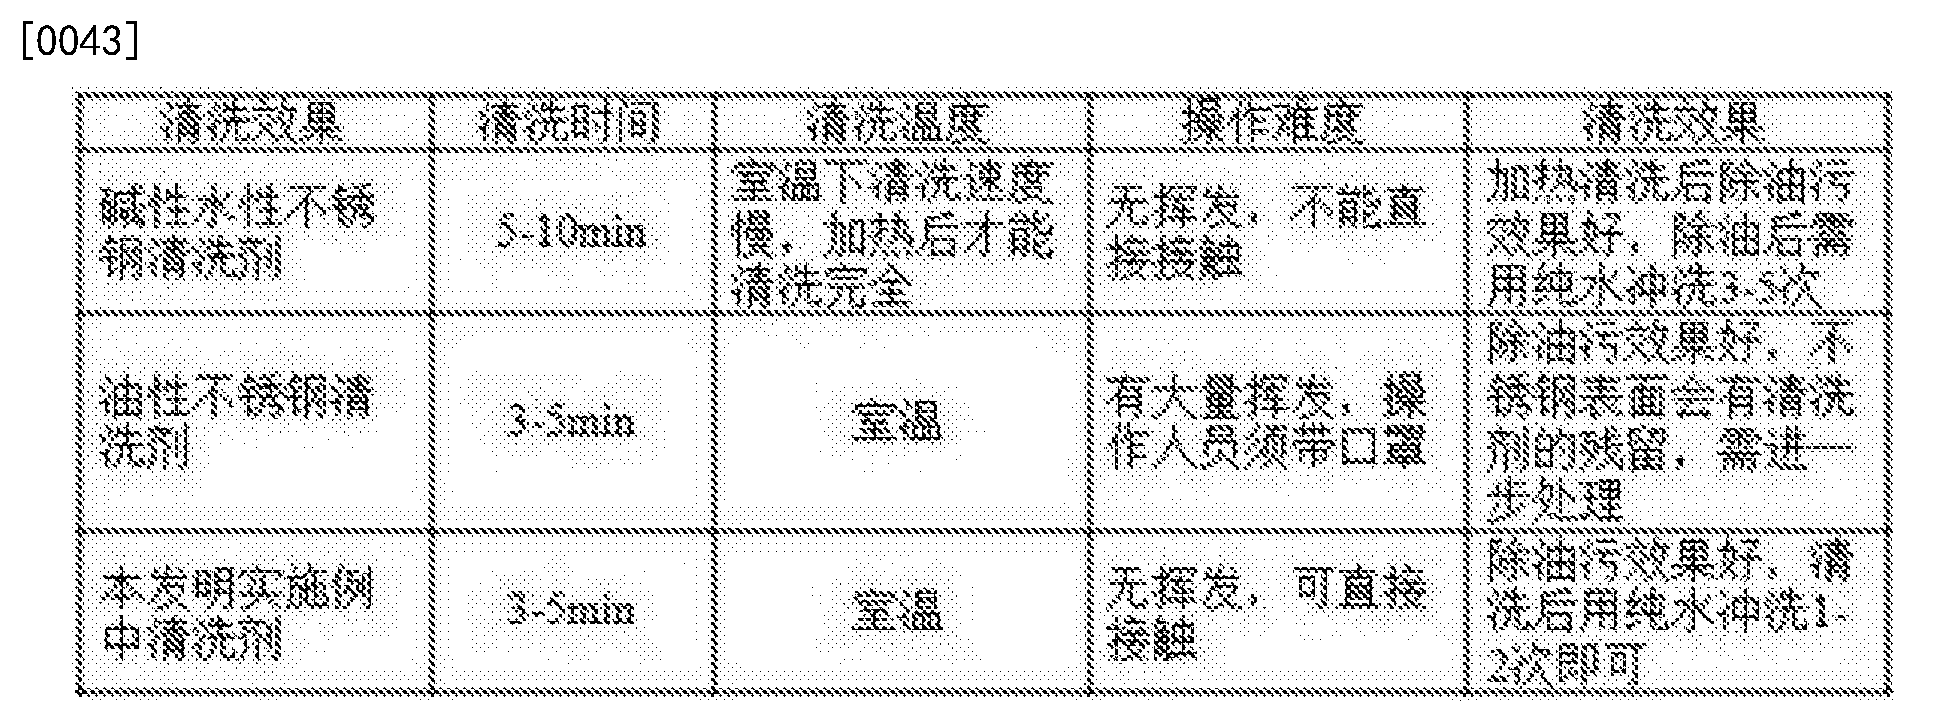 Figure CN105297044BD00052